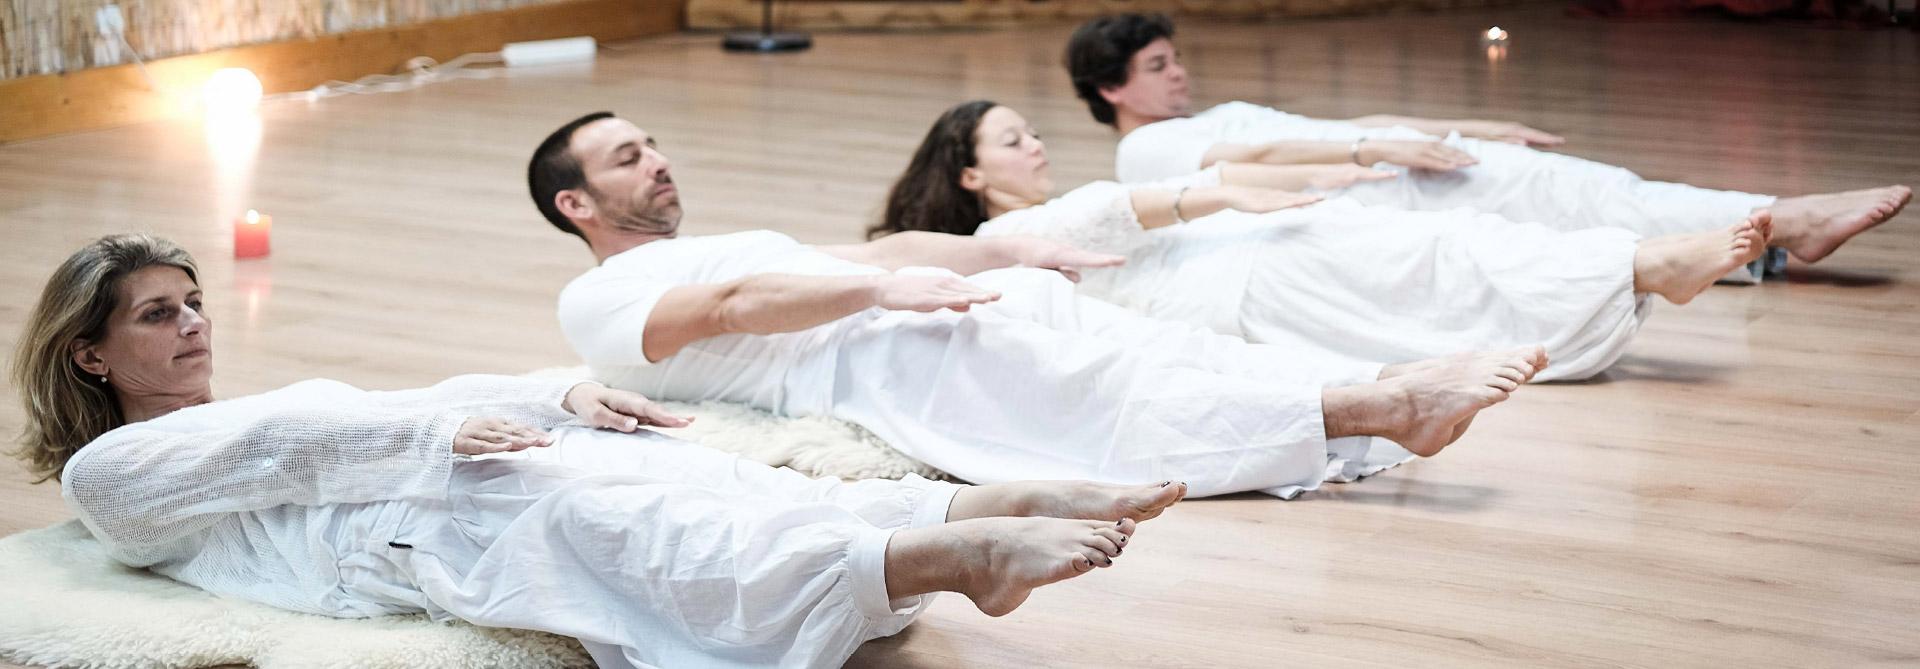 Les-postures principales du kundalini yoga